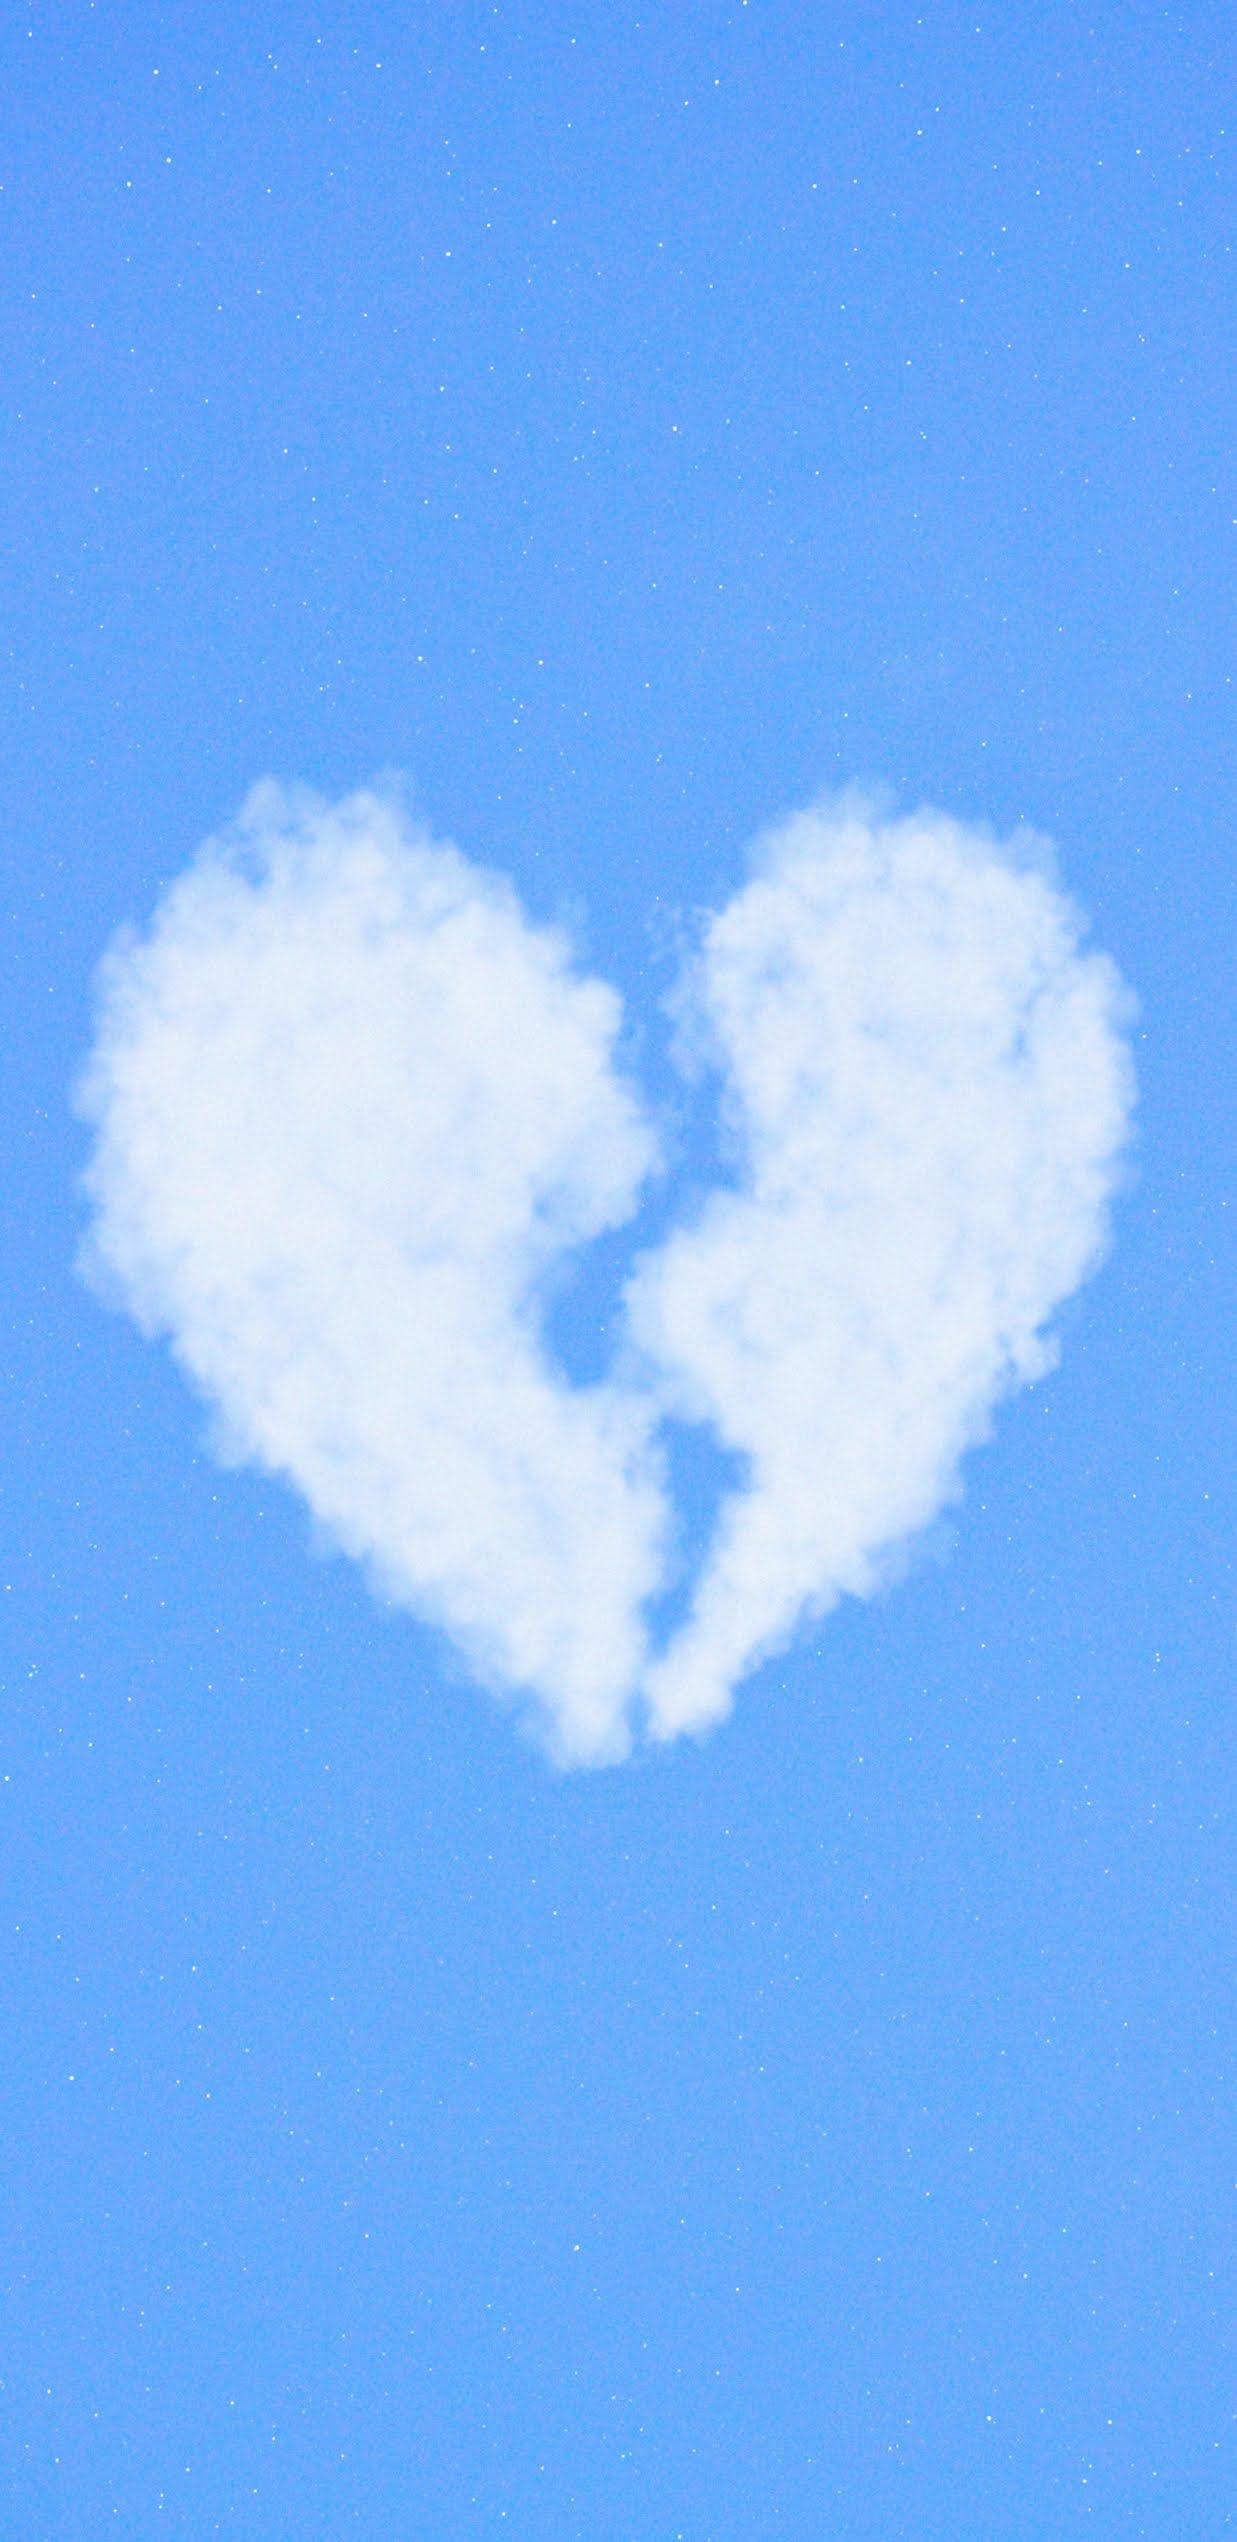 Trái tim tan vỡ trên bầu trời xanh